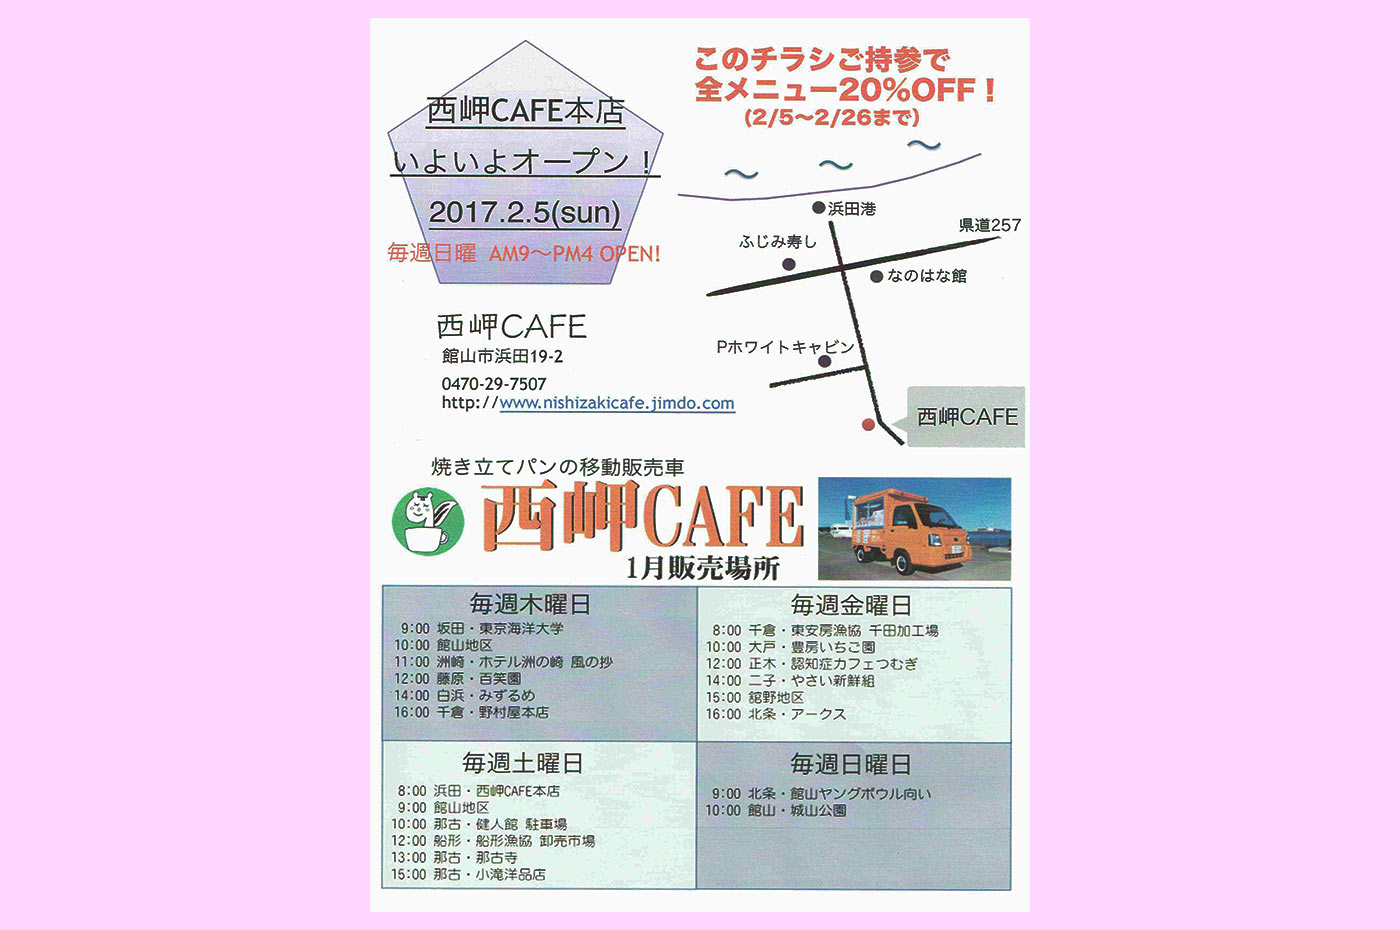 西岬カフェのチラシ